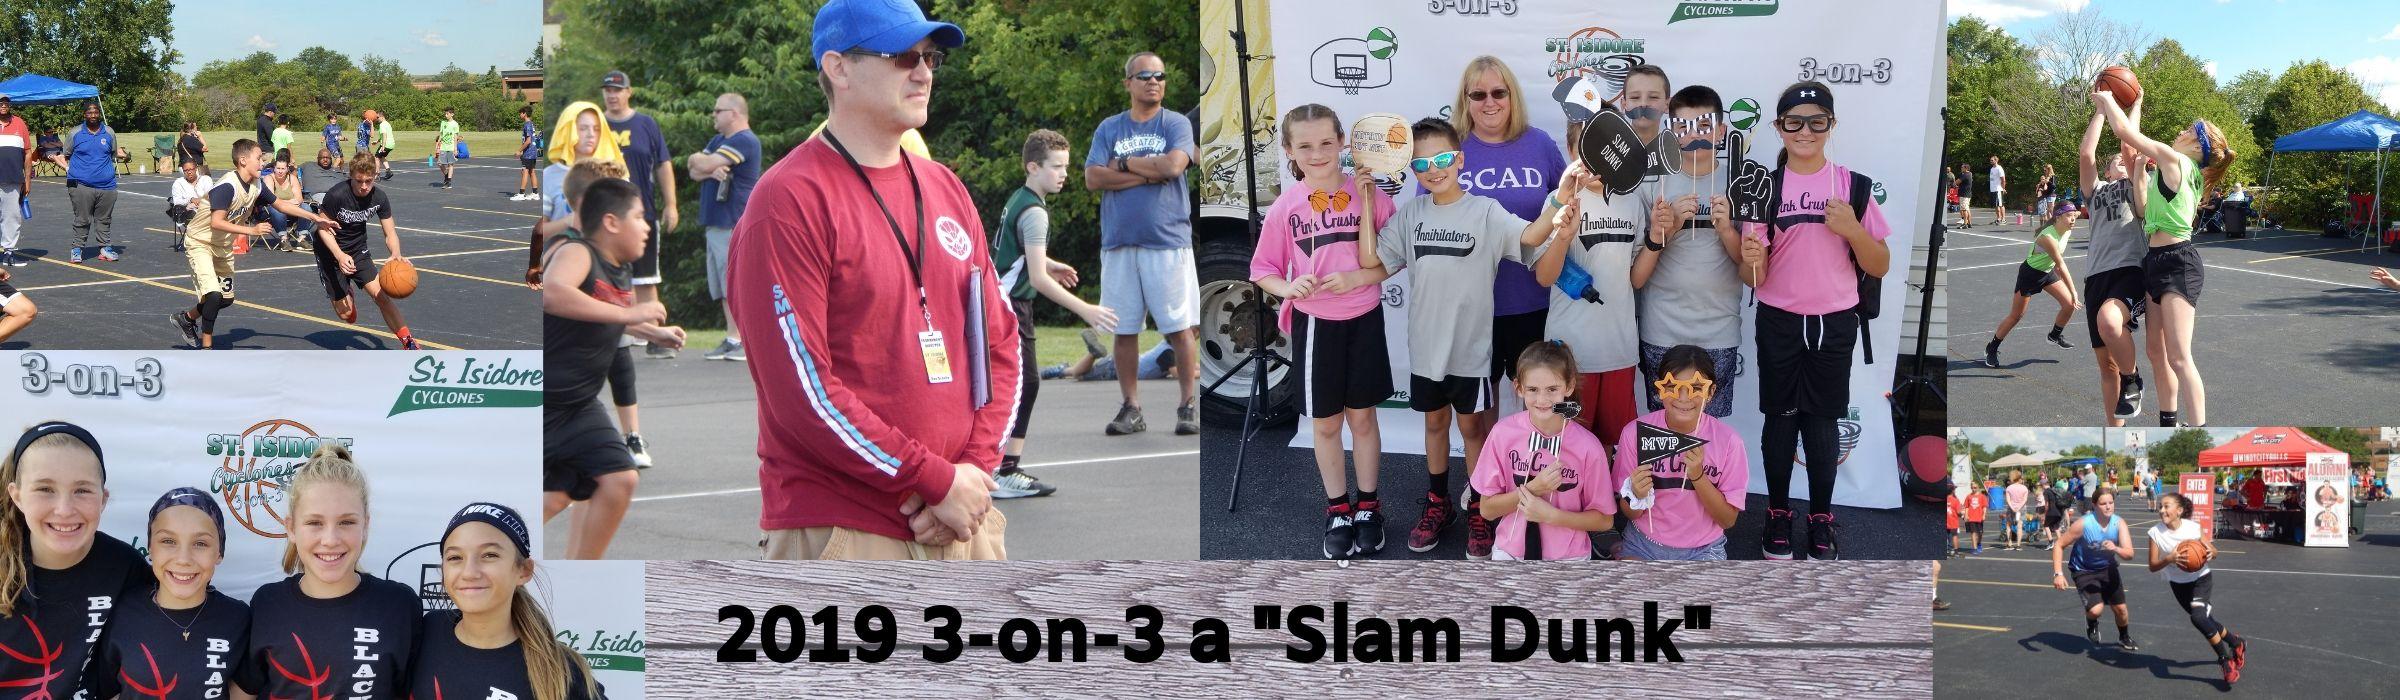 3-on-3 2019 a _Slam Dunk_